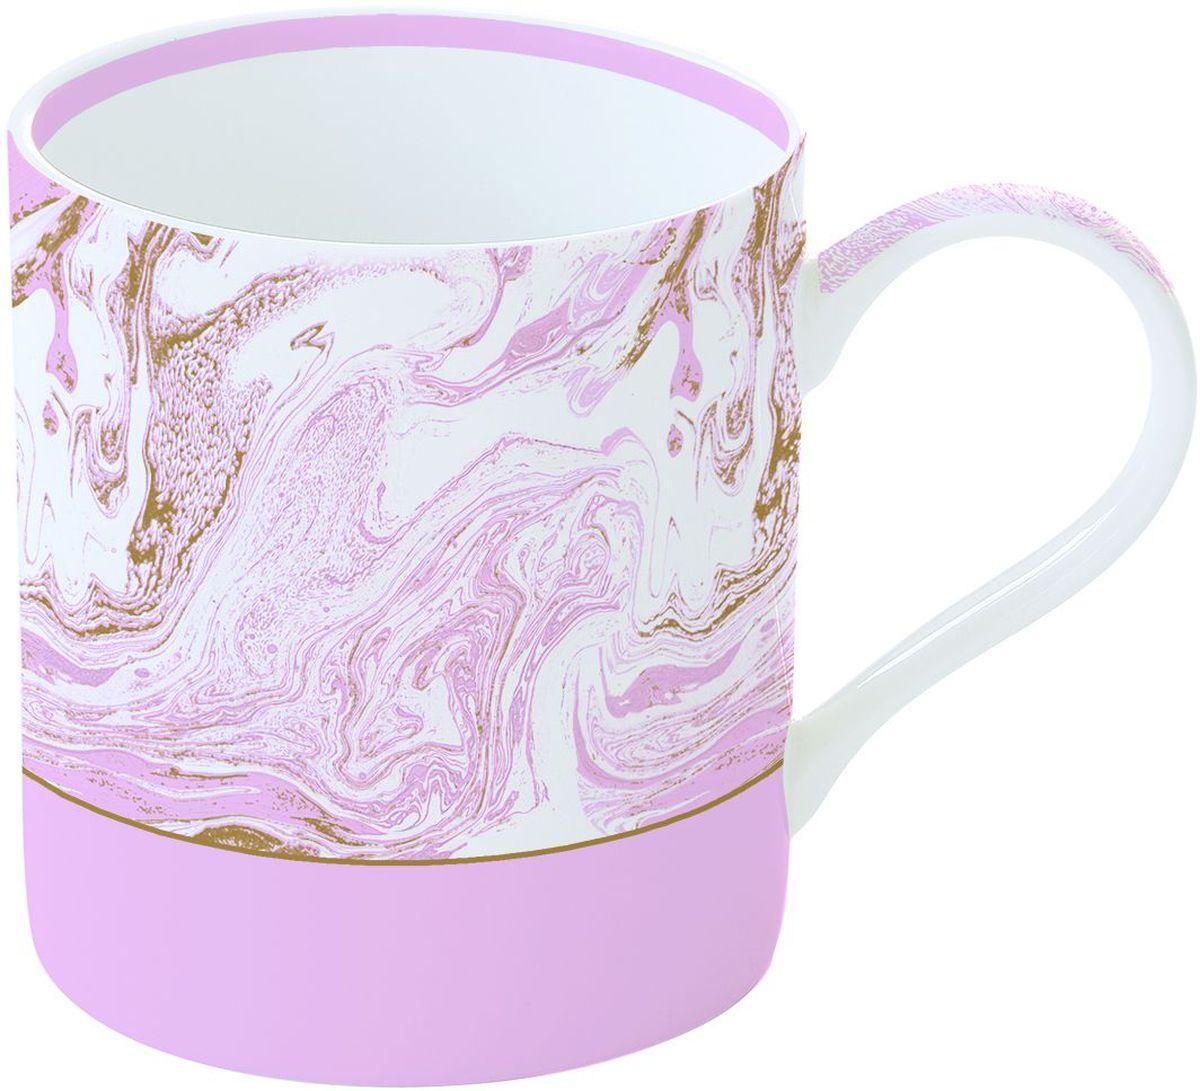 Кружка Easy Life Малахит, цвет: розовый, 350 мл282MALPКружка Easy Life Малахит выполнена из высококачественного фарфора. Изделие оснащено эргономичной ручкой. Кружка сочетает в себе оригинальный дизайн и функциональность. Она согреет вас долгими холодными вечерами.Объем: 350 мл.